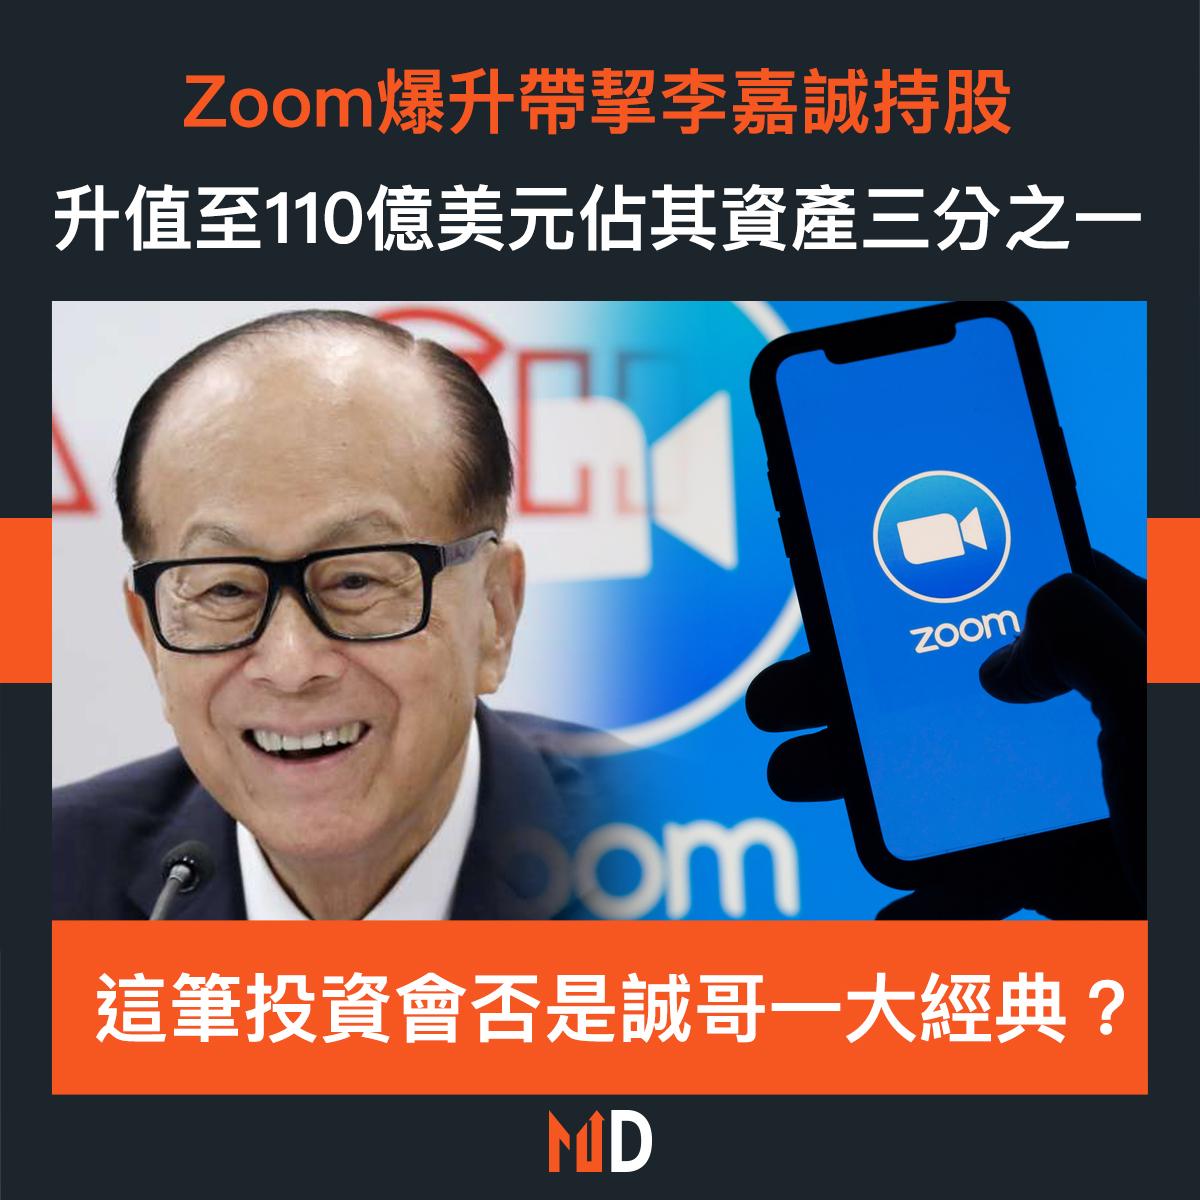 【市場熱話】Zoom爆升帶挈李嘉誠持股升值至110億美元,佔其資產三分之一